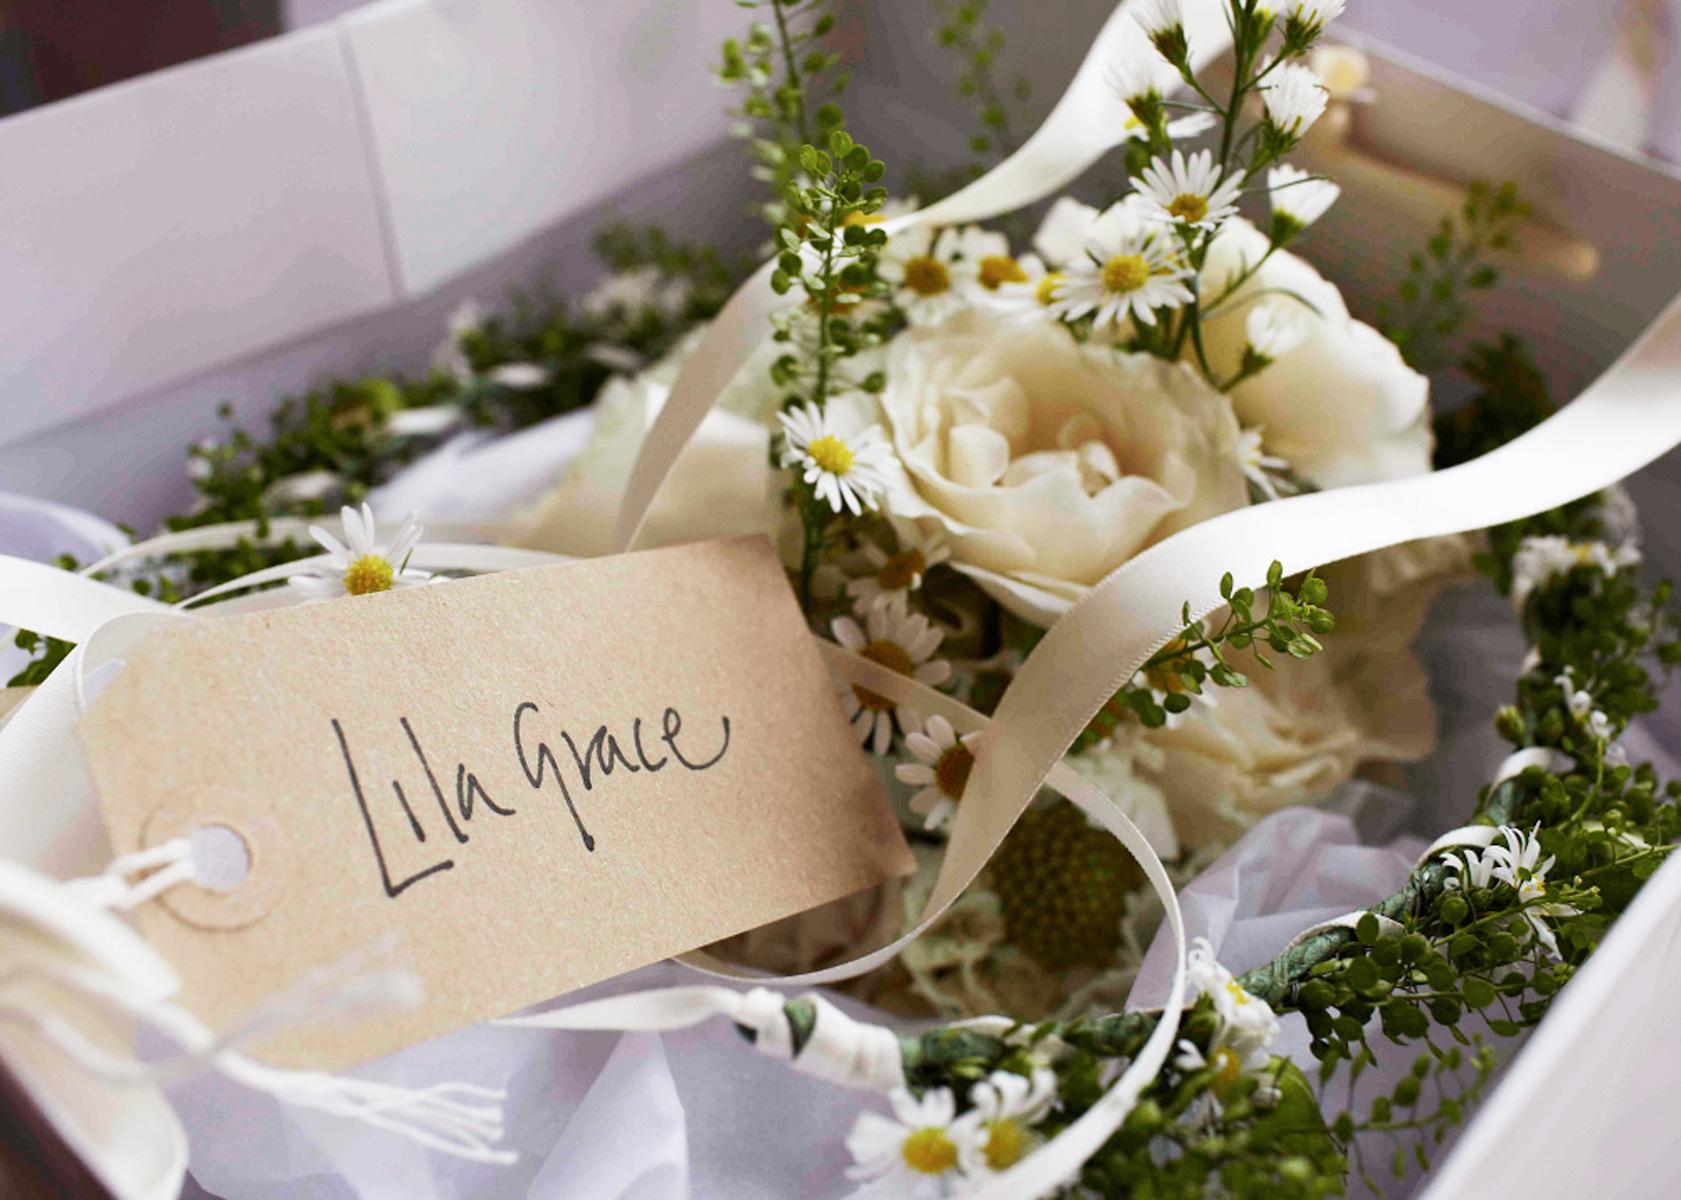 Lila Grace's Bouquet.